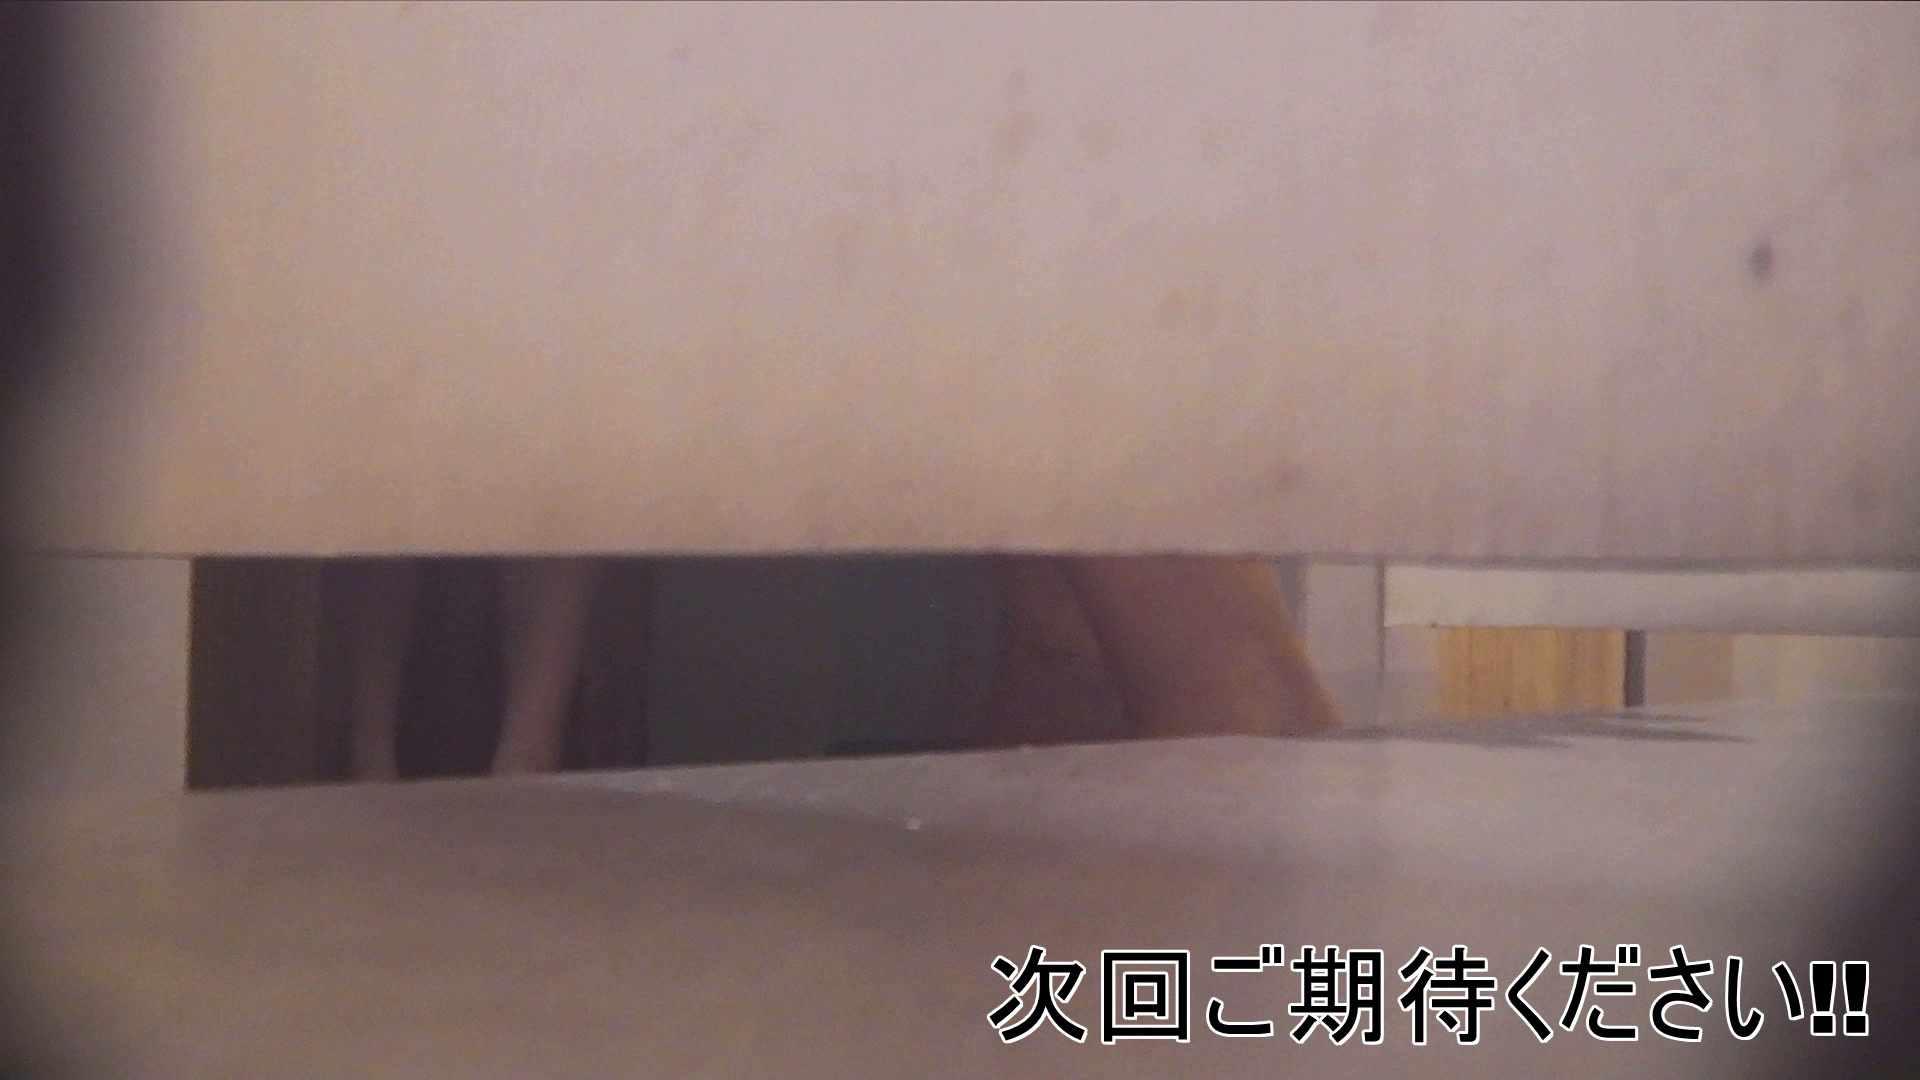 阿国ちゃんの「和式洋式七変化」No.4 洗面所 | 和式  97pic 25